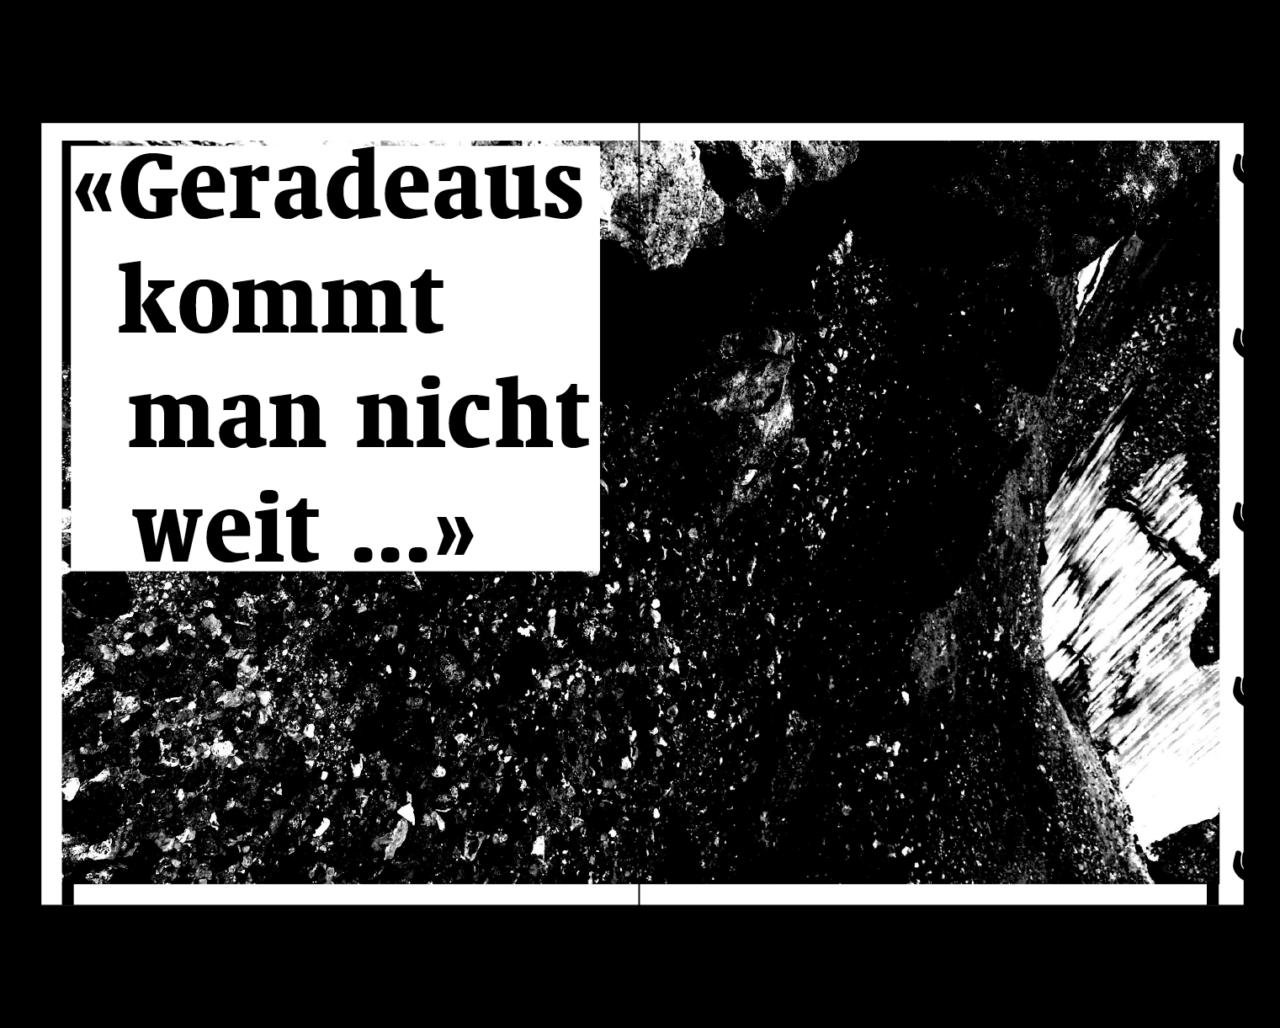 flattersatz Der kleine Prinz print issue 2.0